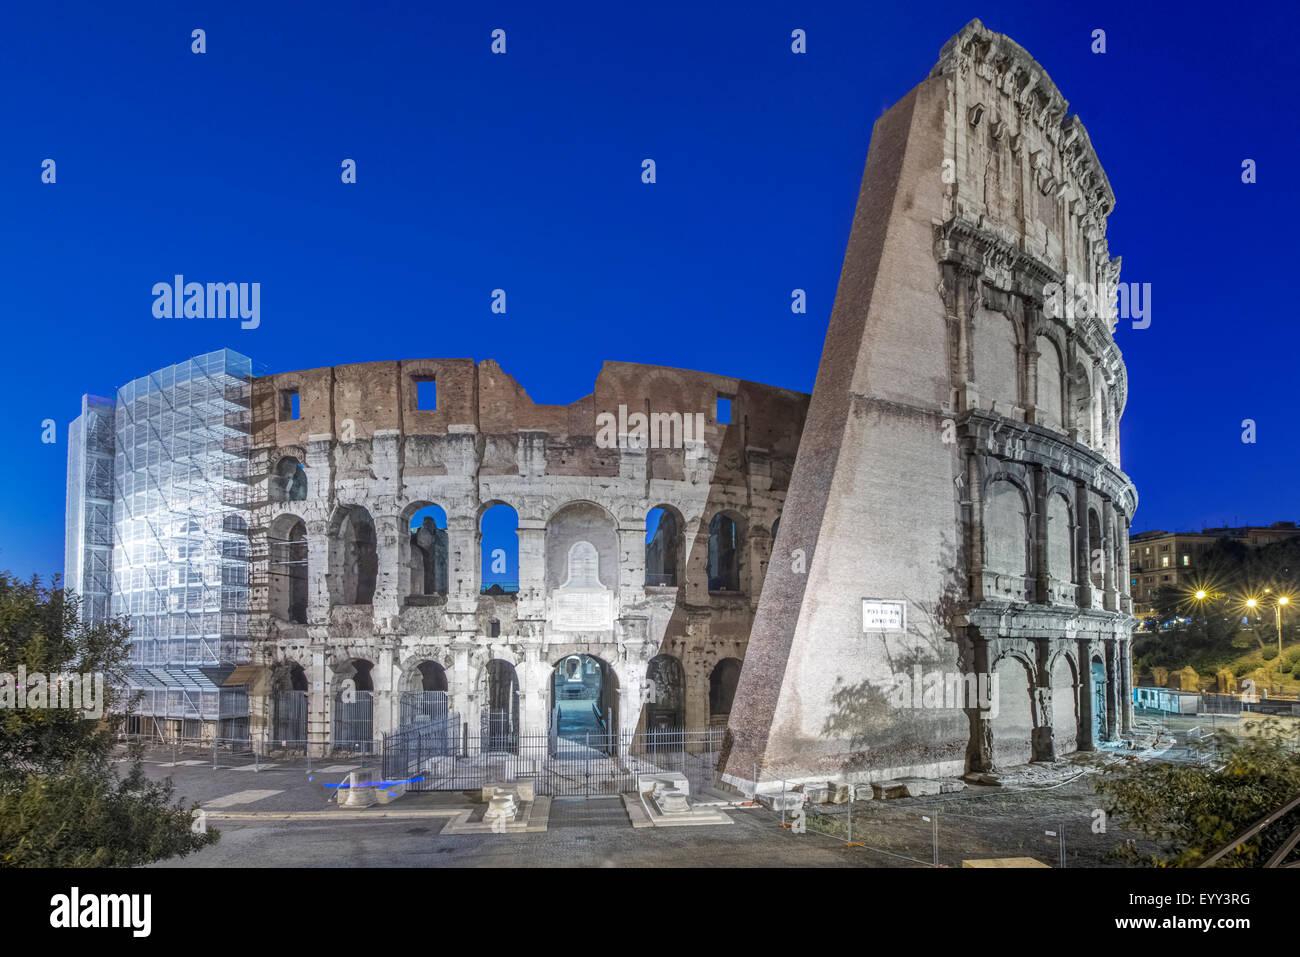 Coliseum ruinas iluminadas en la noche, Roma, Italia Imagen De Stock